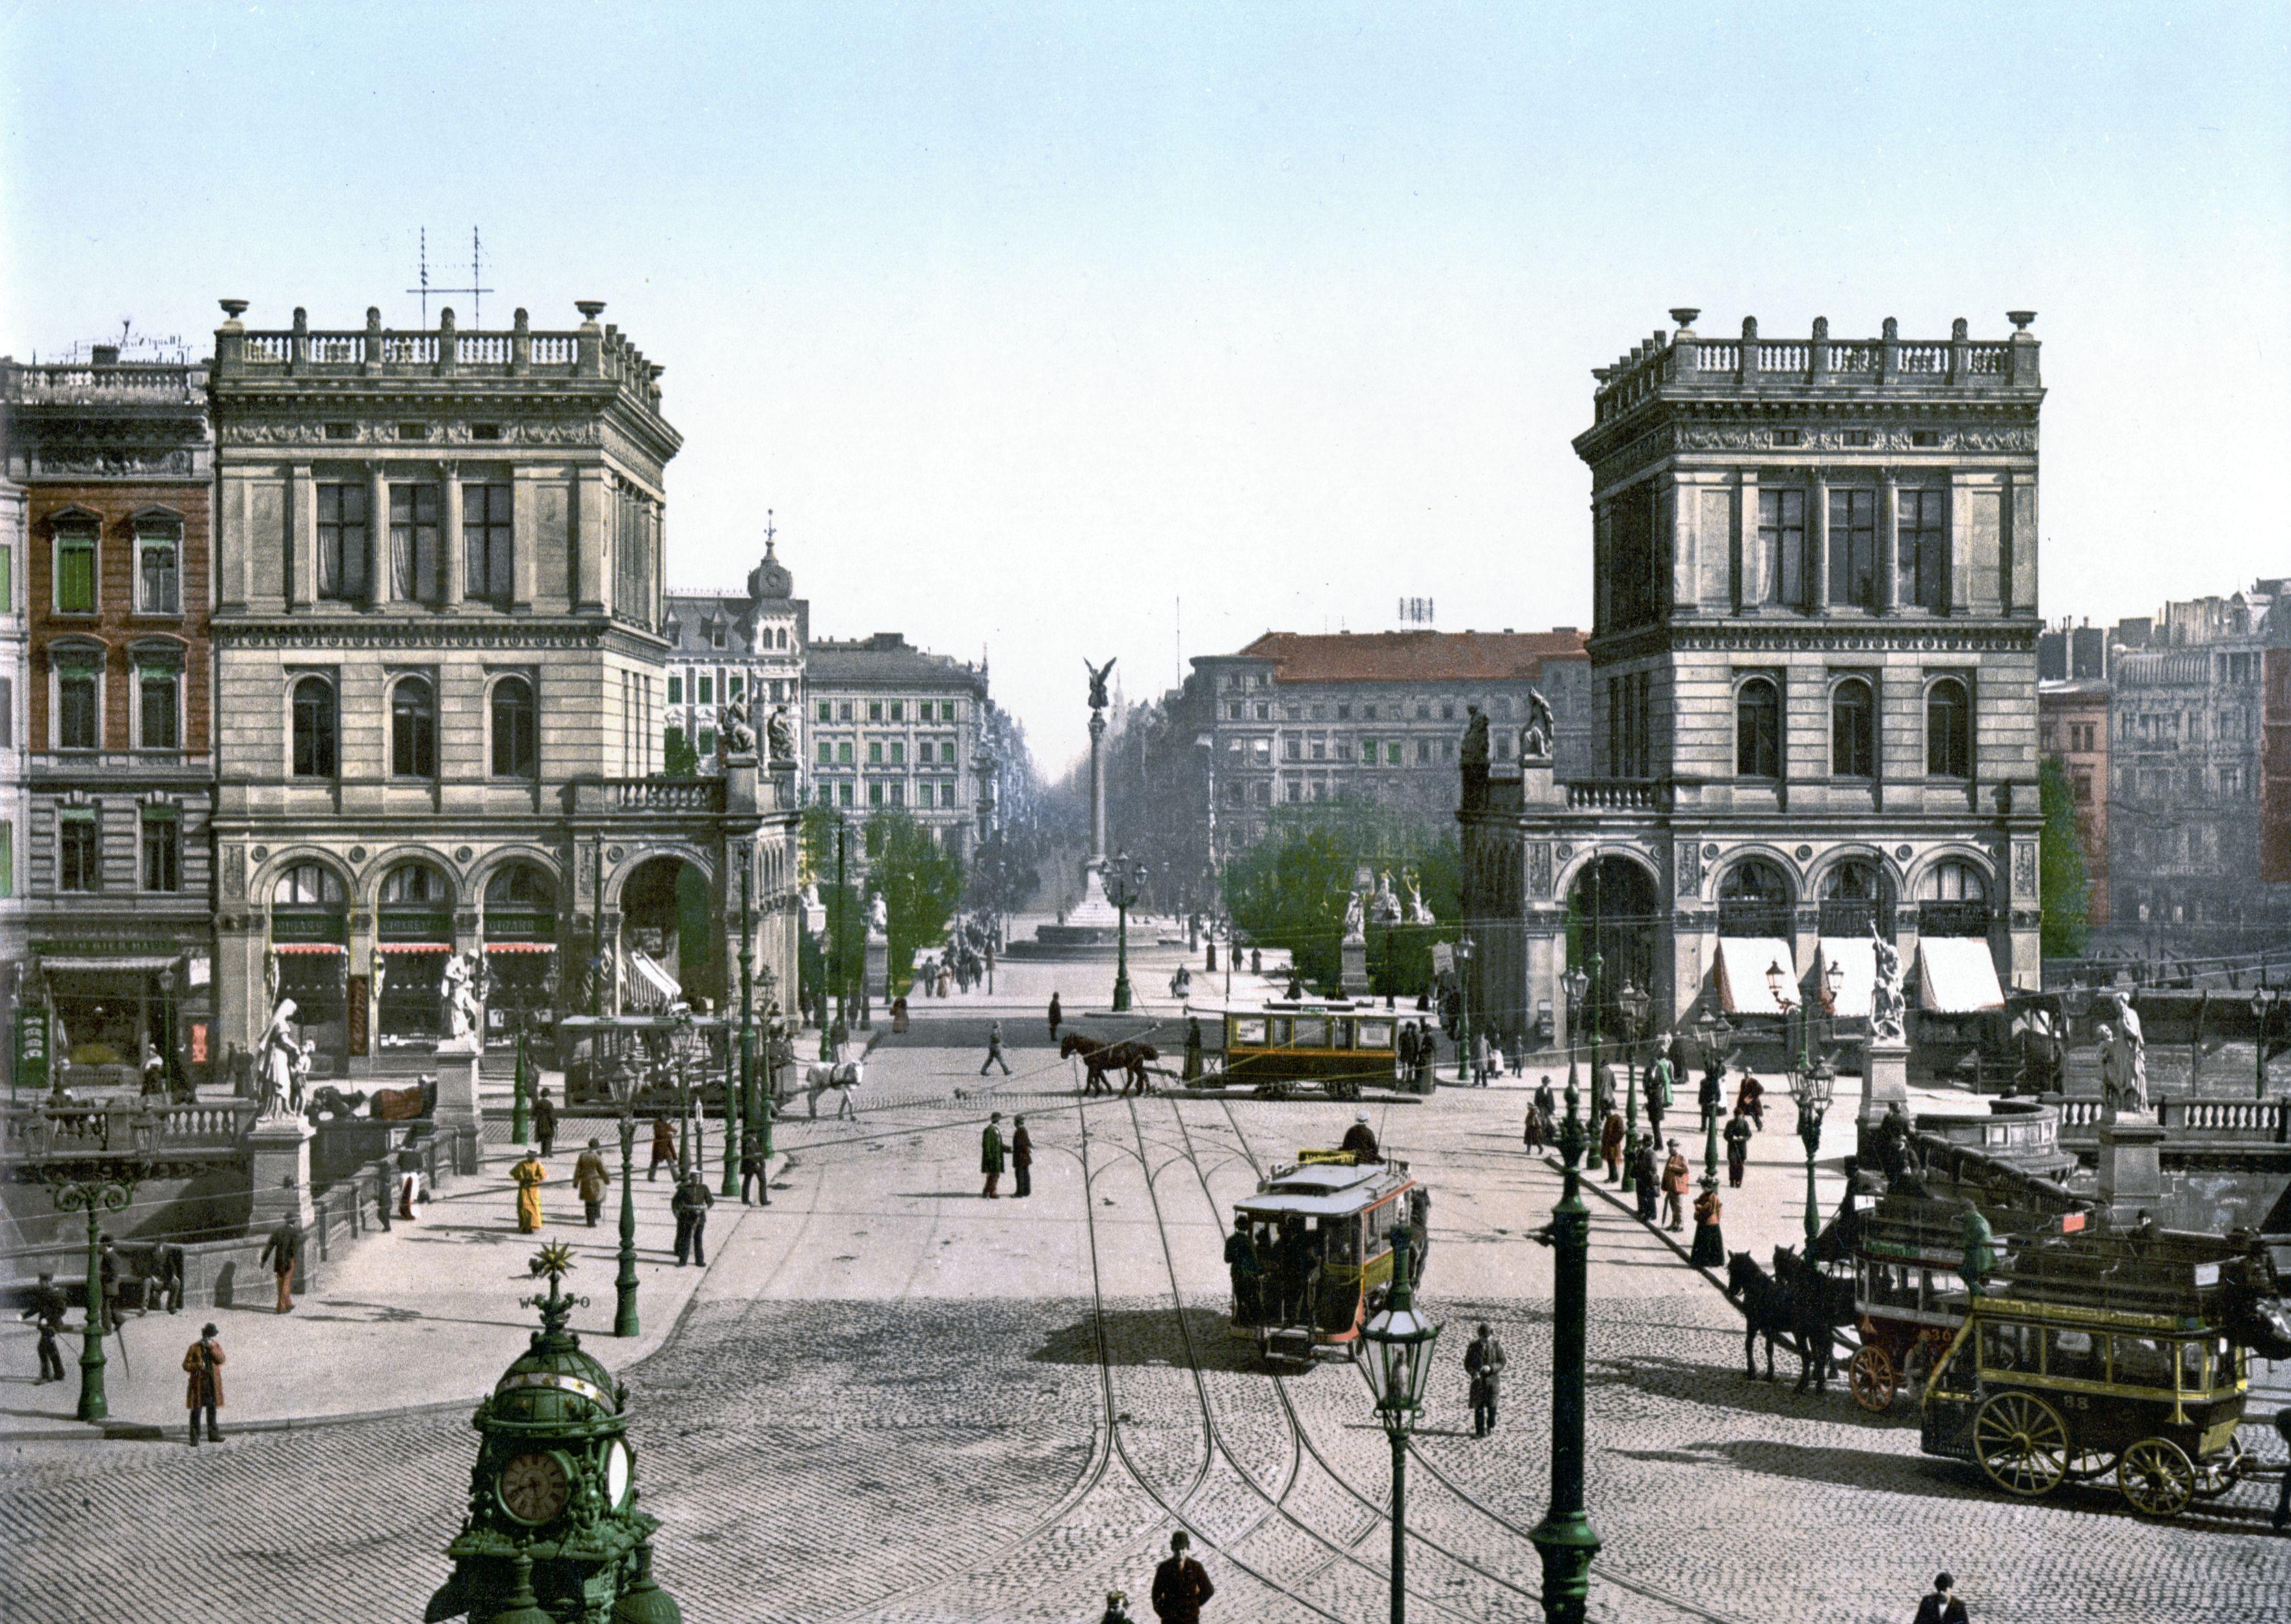 BelleAlliancePlatz, Berlin 1900 Vintage Europe